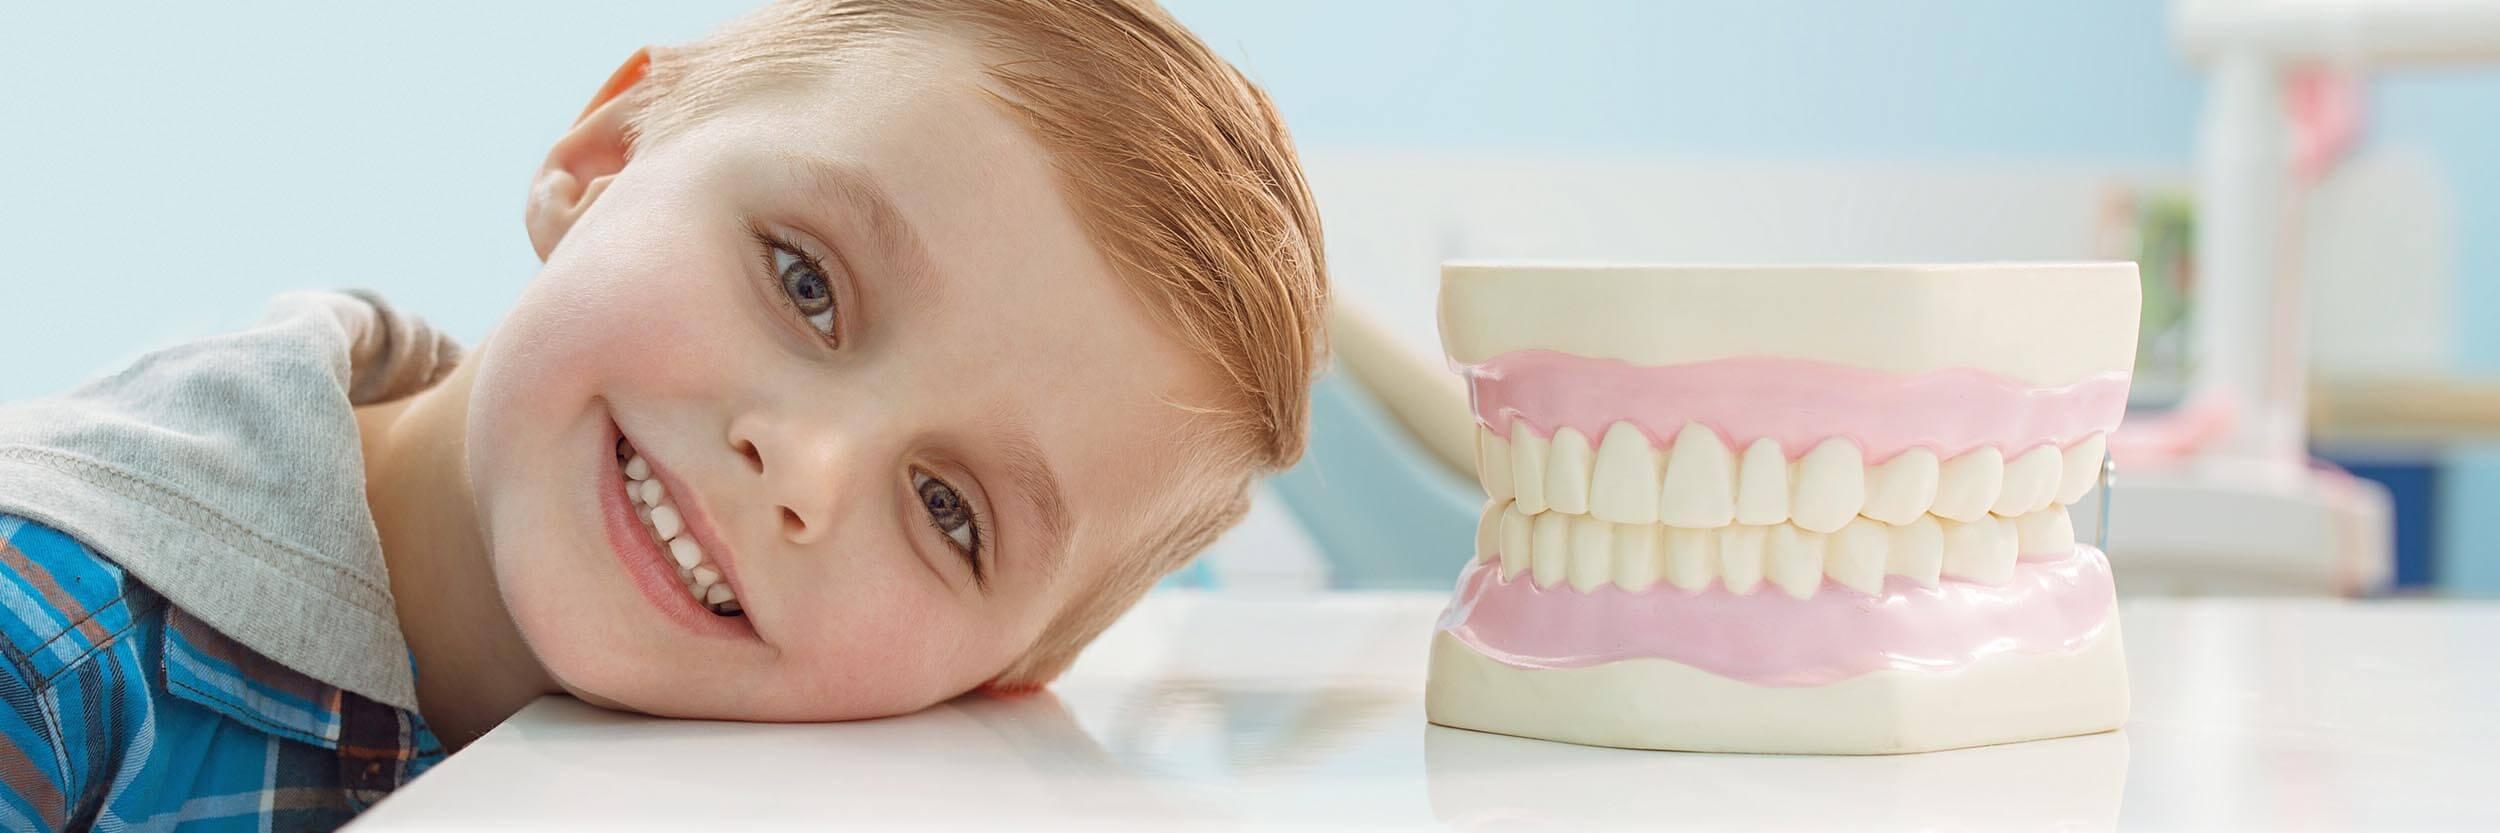 Calm boy at the dentist